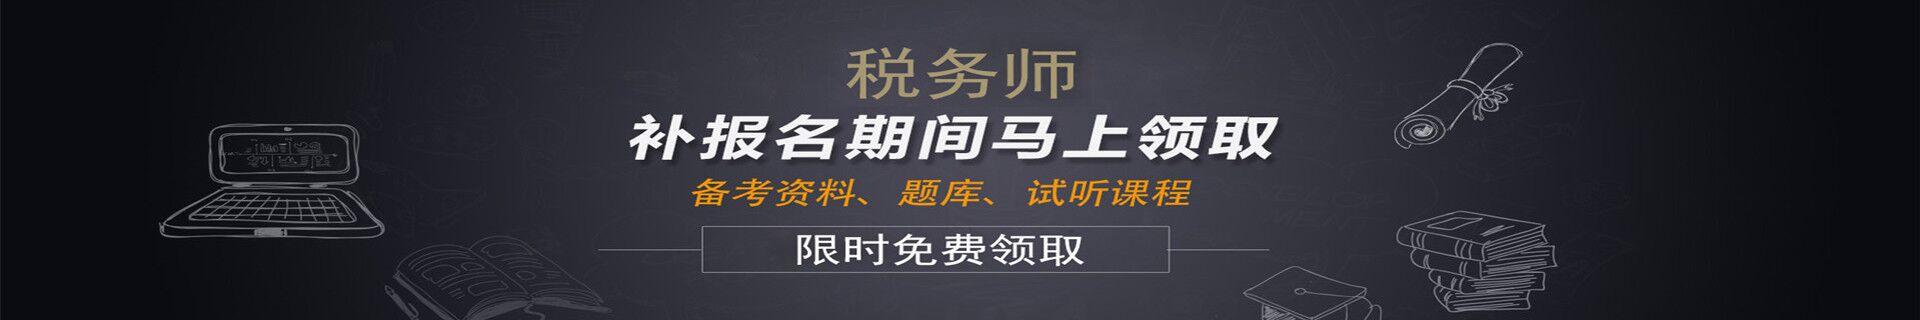 郑州高顿财经教育学校